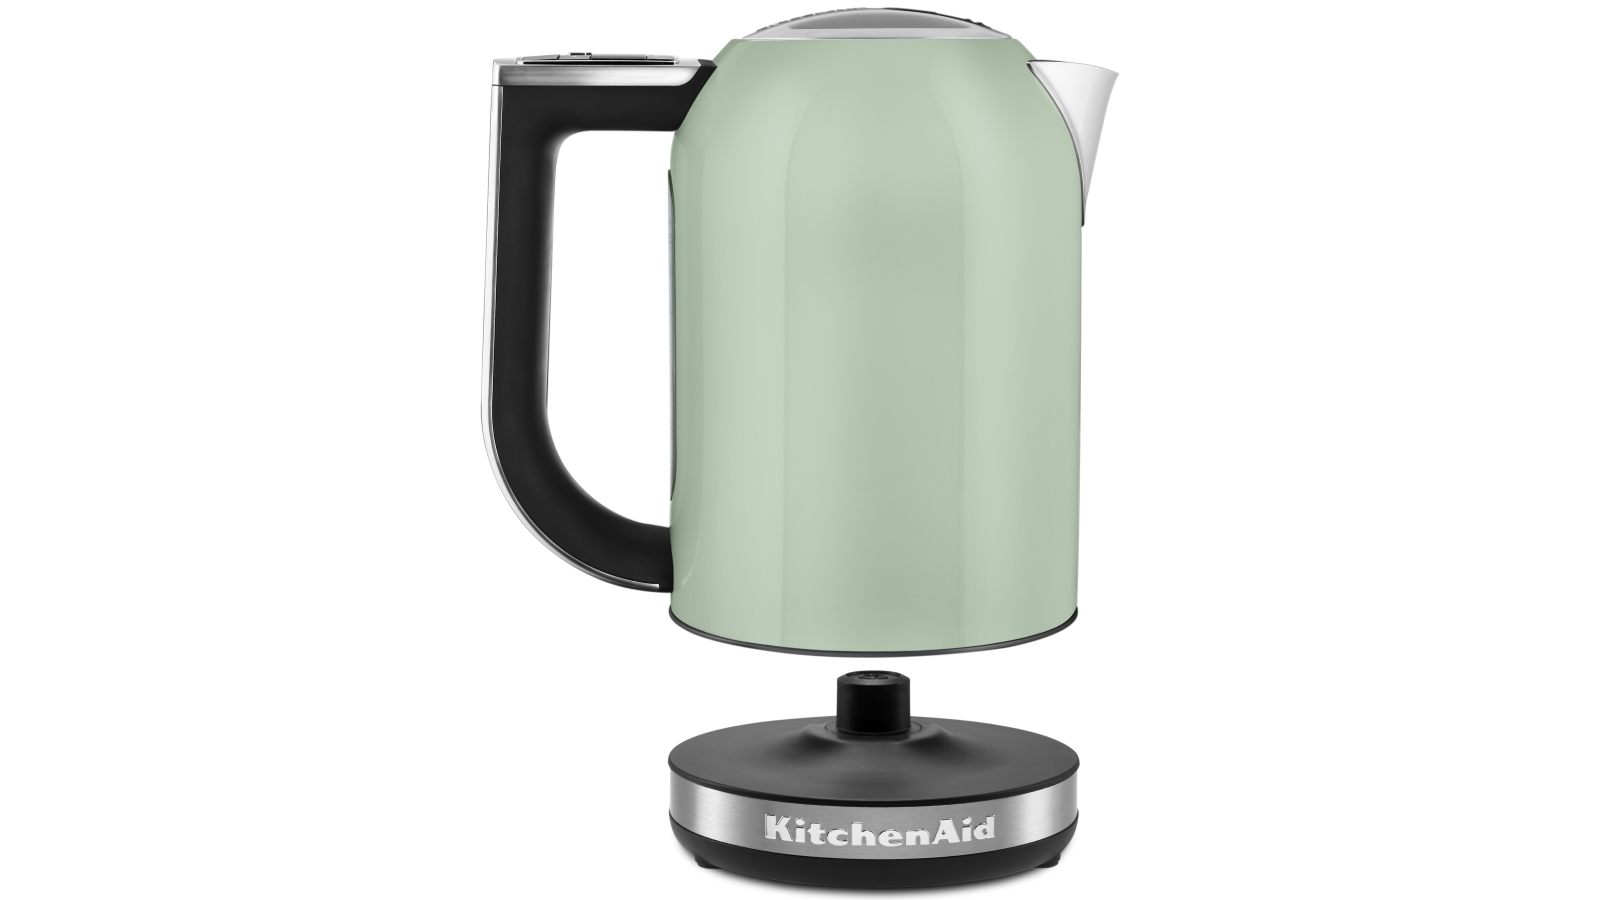 KitchenAid 1 7L Variable Temperature Kettle - Pistachio